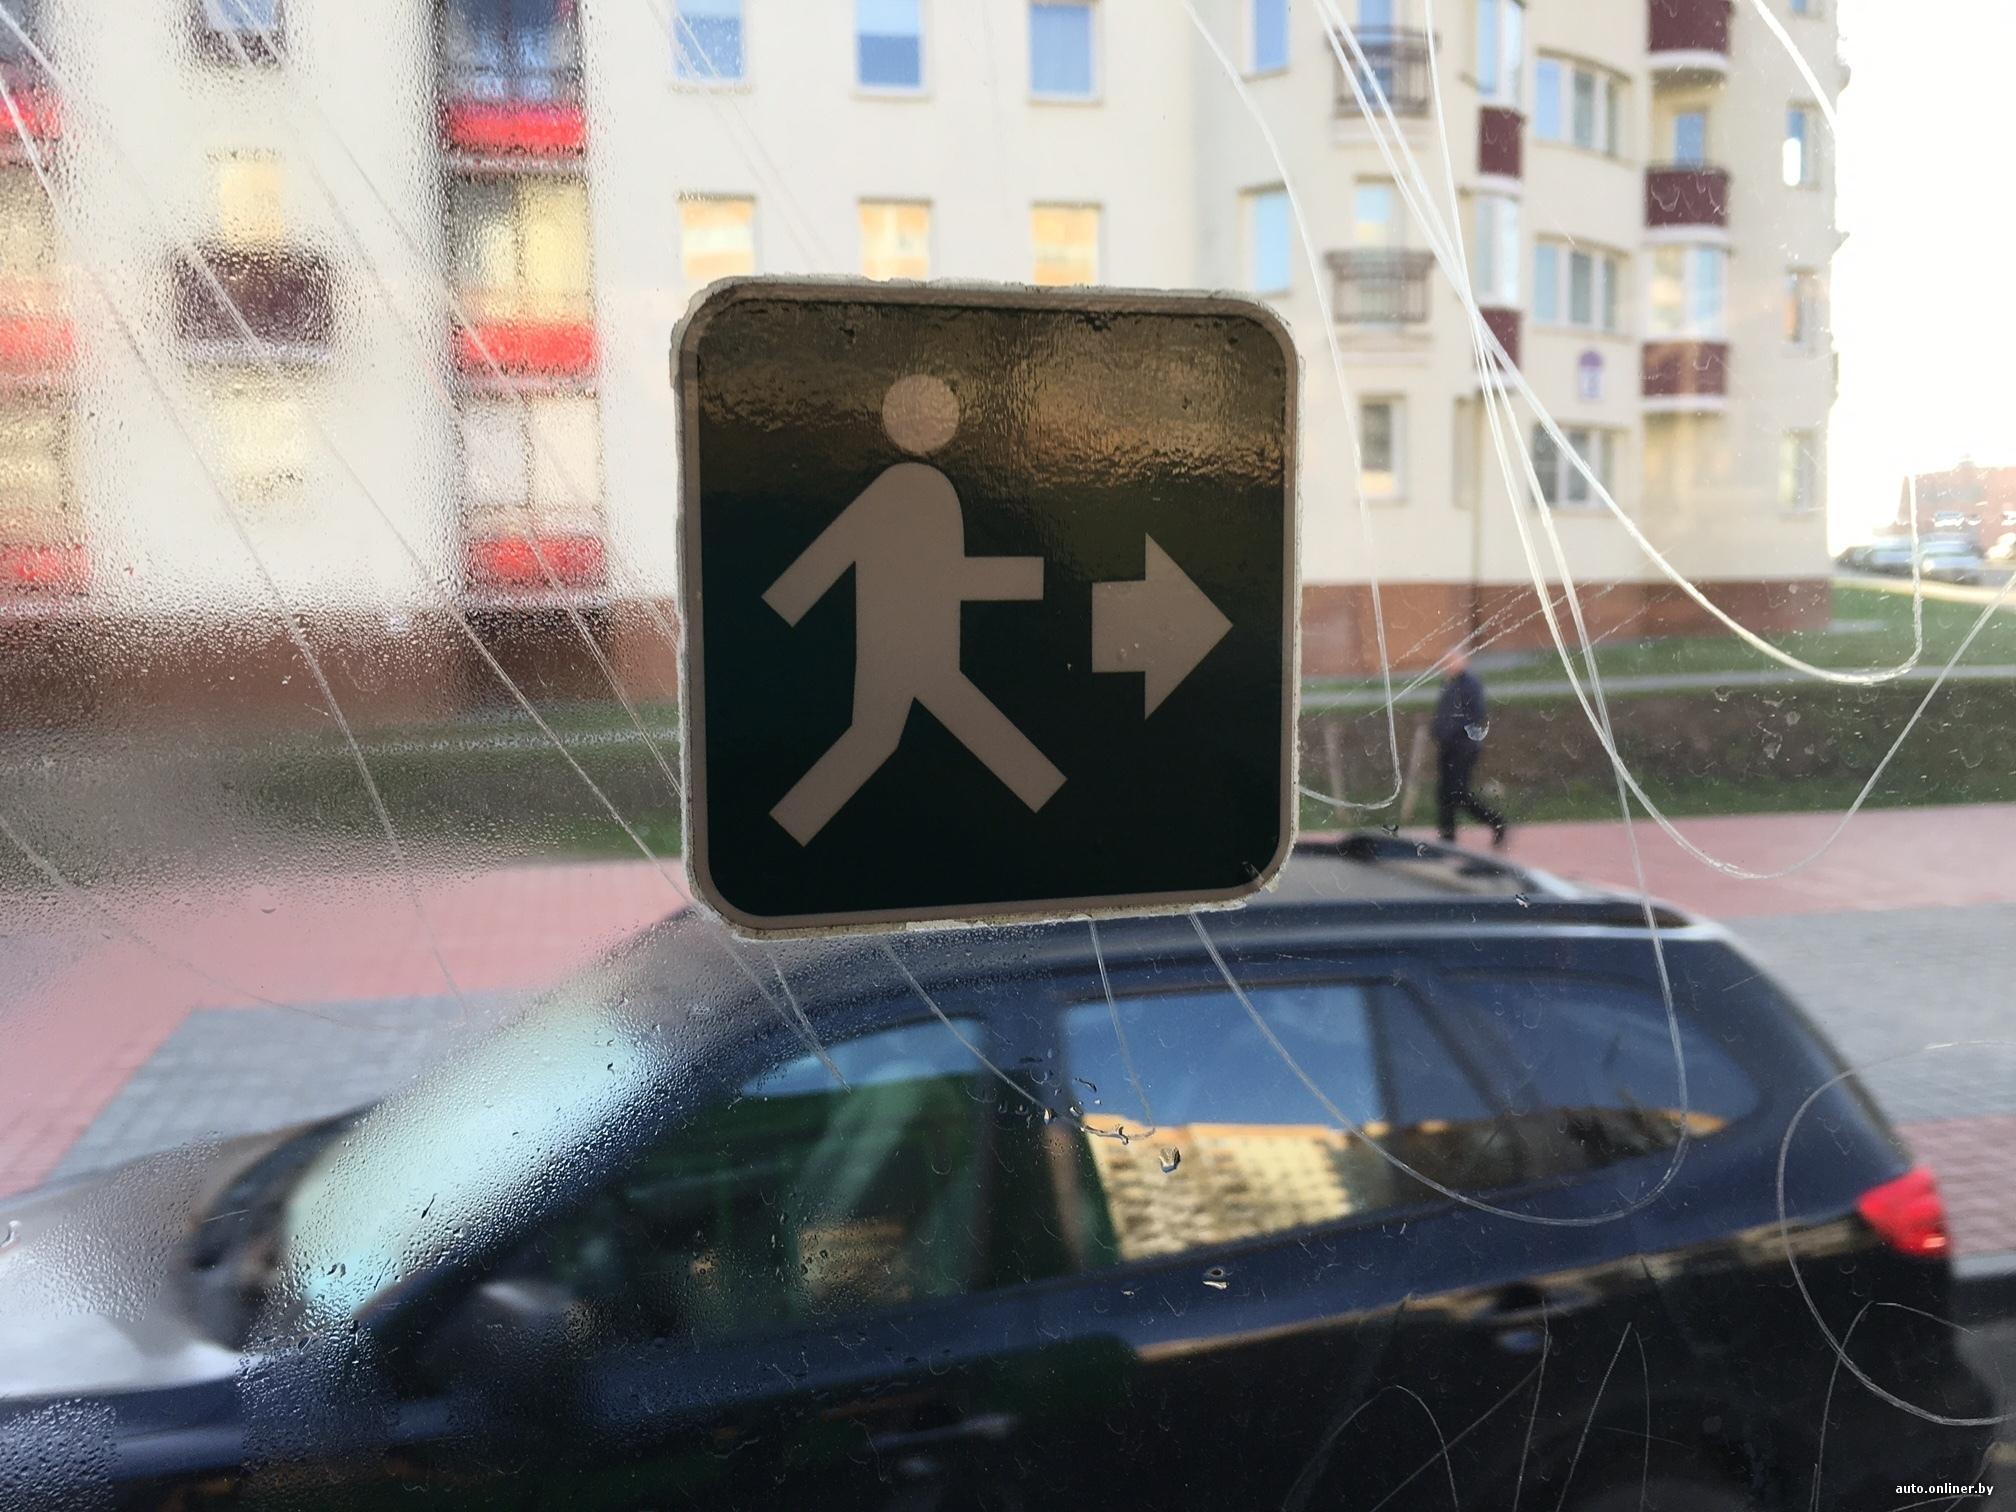 видео в машине на светофоре пацан залез девушке под платье